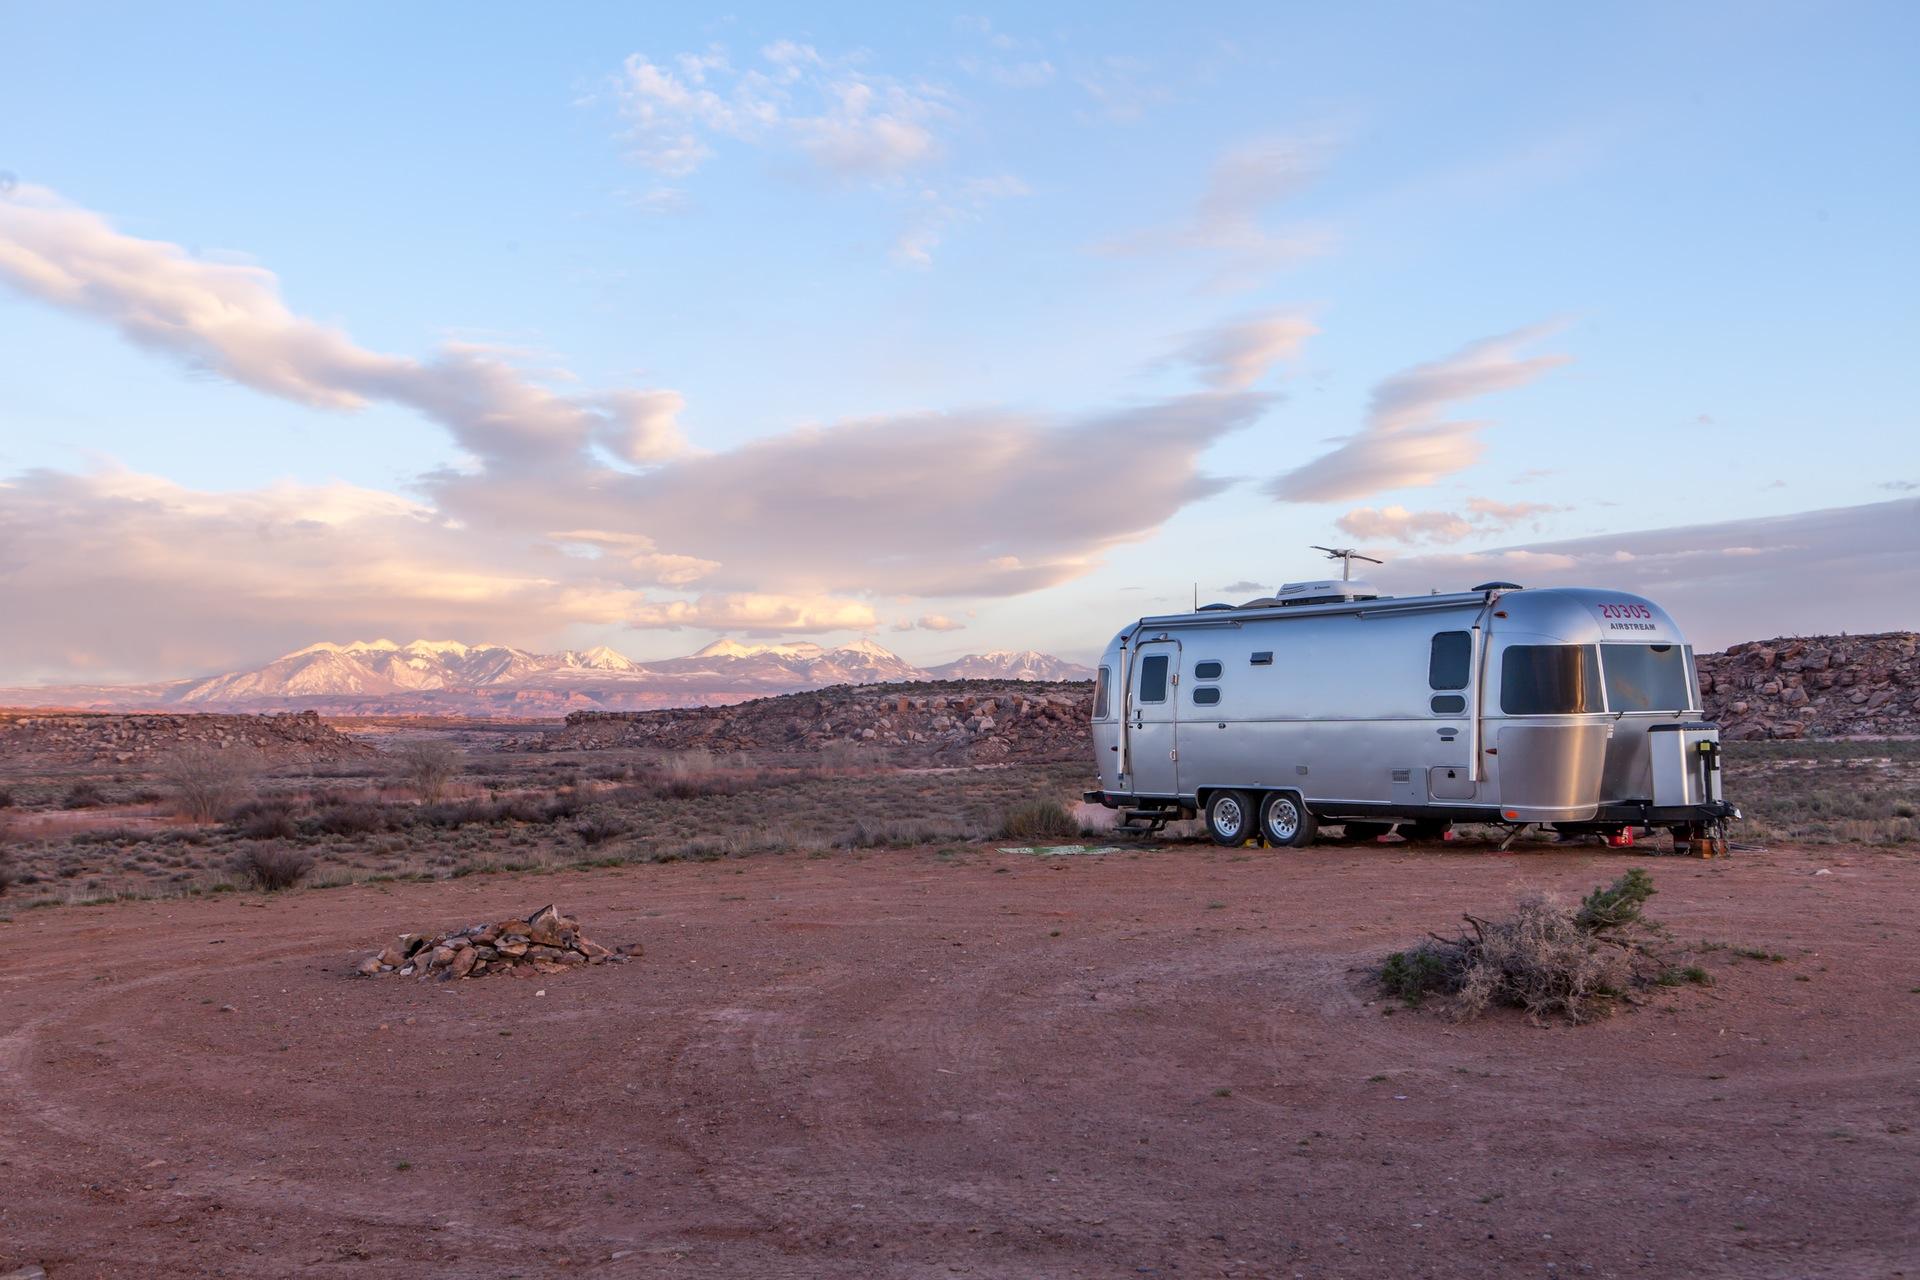 Caravane, montagnes, aube, Sky, désert, nuages - Fonds d'écran HD - Professor-falken.com